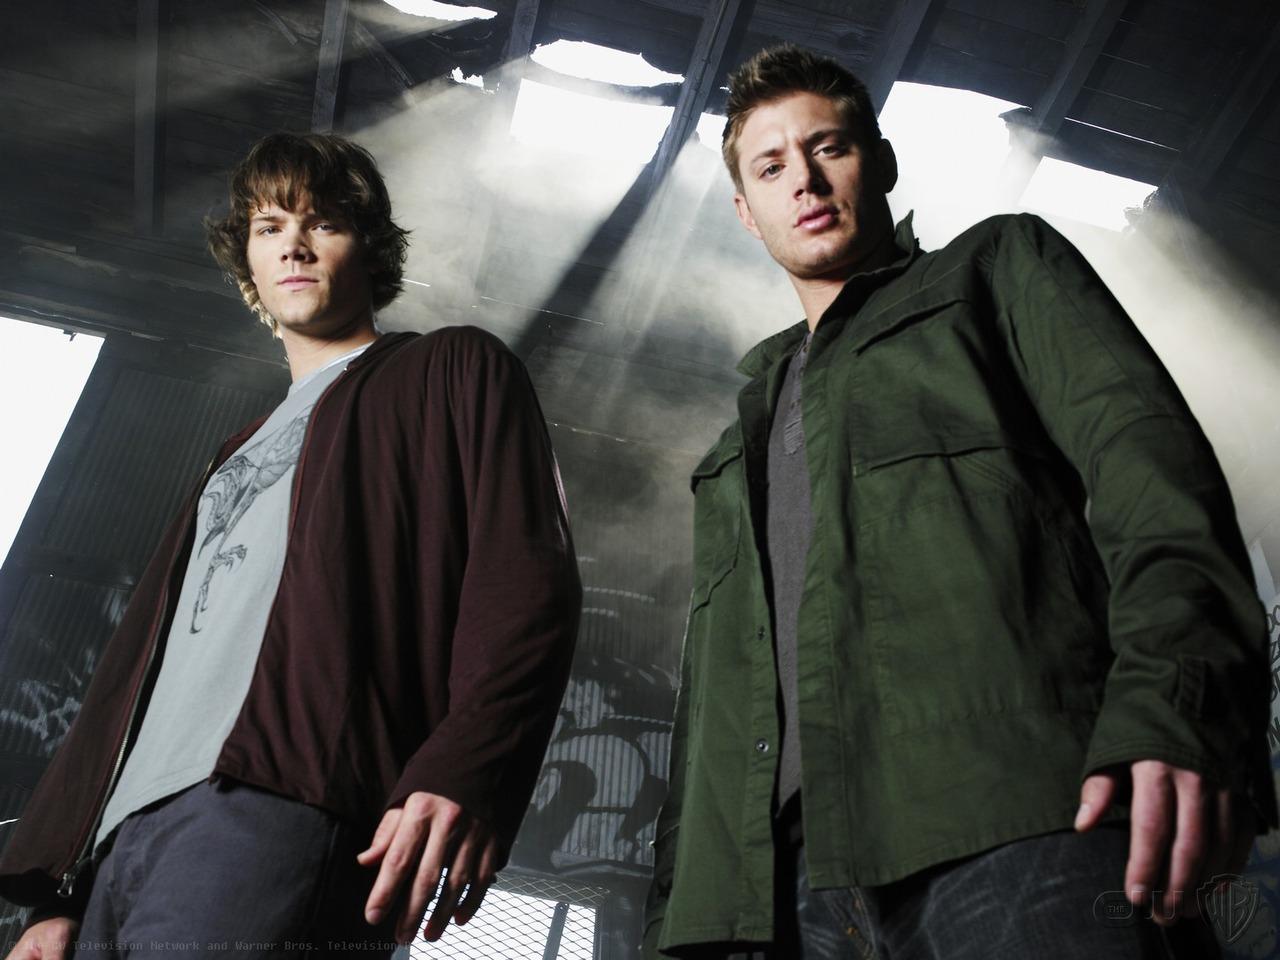 http://4.bp.blogspot.com/-rQ-wjc2aEXM/UQAG-GuWI8I/AAAAAAAAADM/mmDce2YDdlU/s1600/Jensen+Ackles+Supernatural+Pictures.jpg